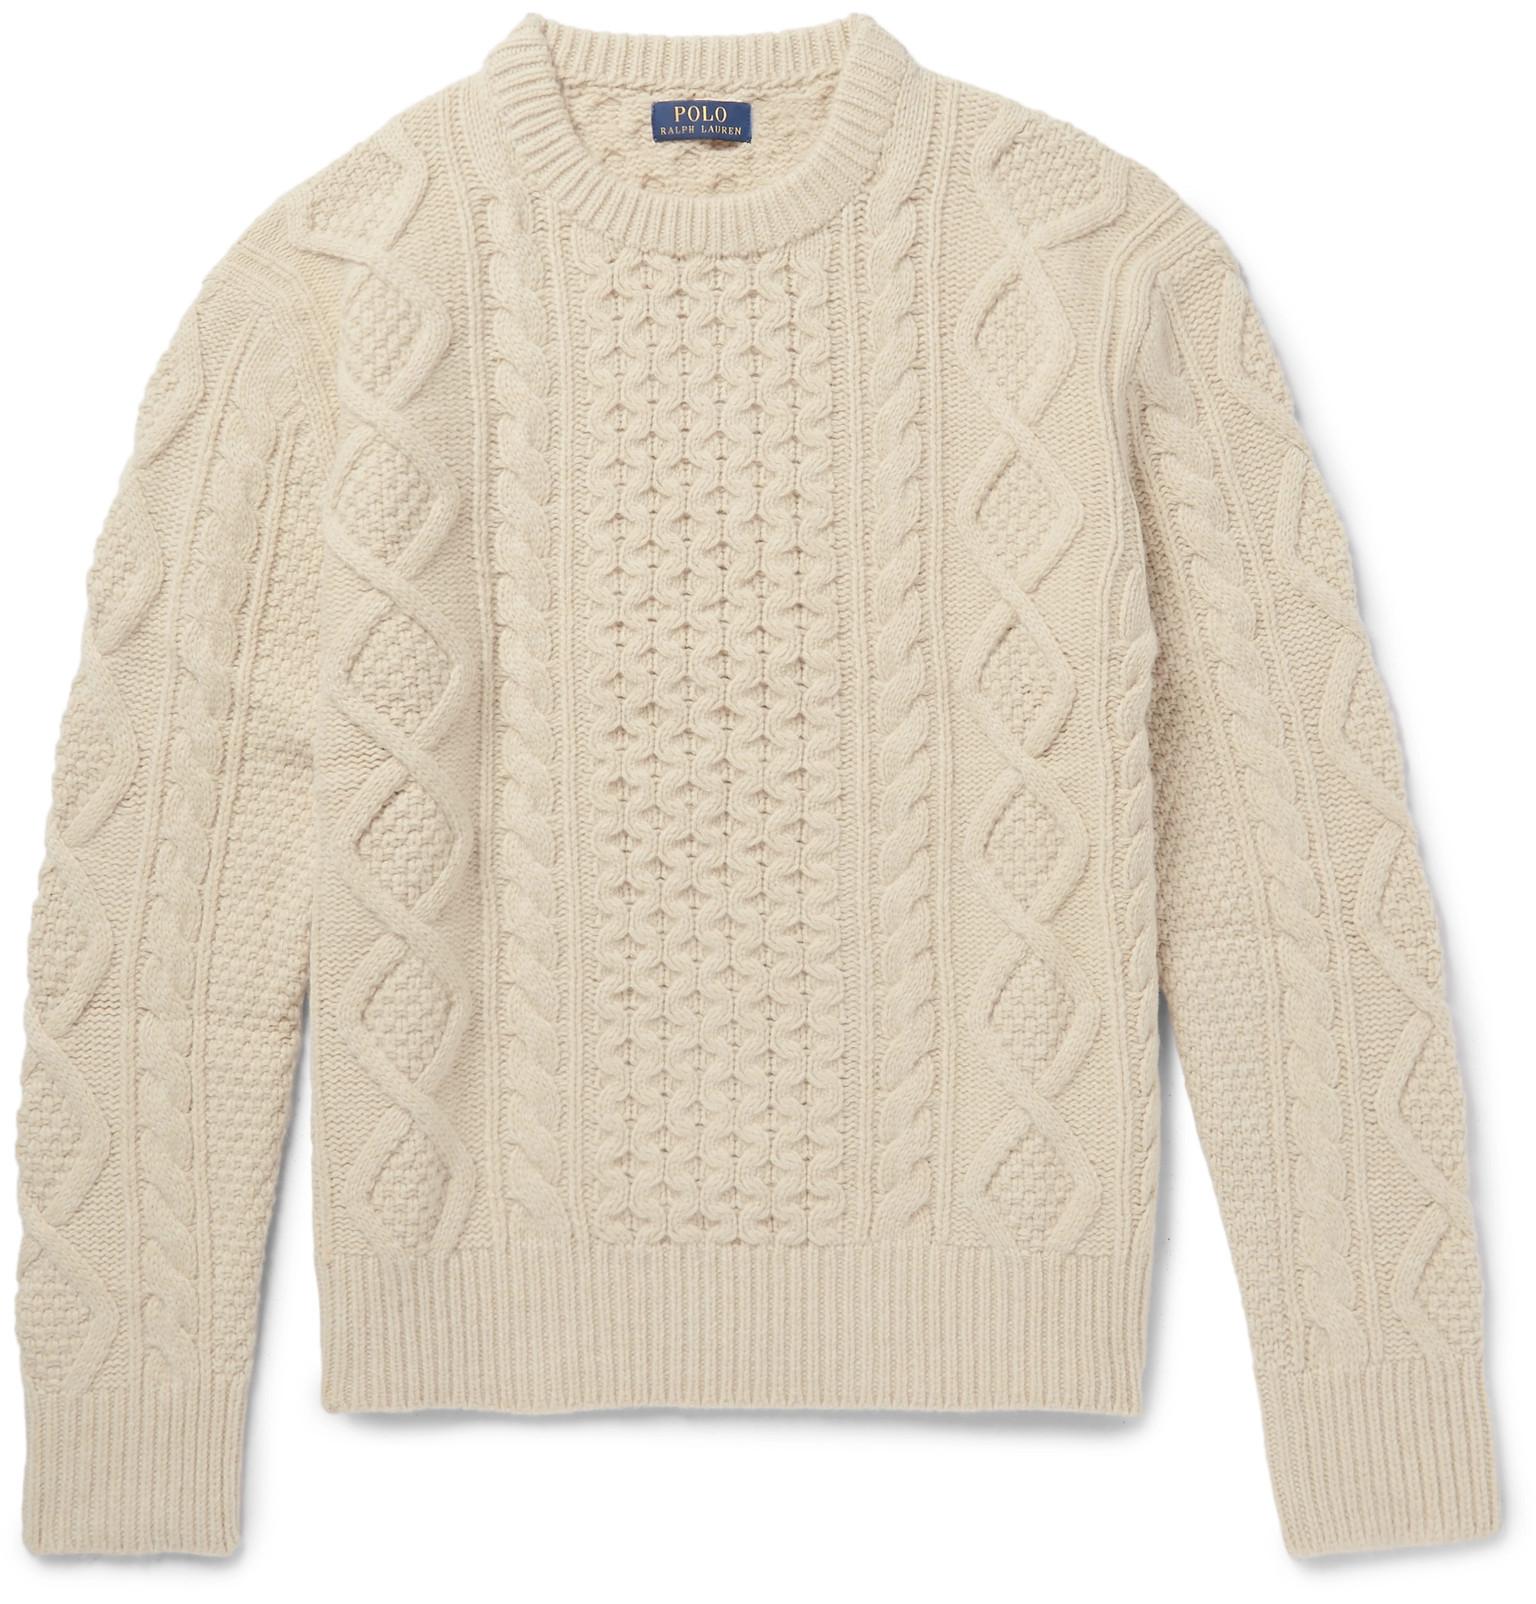 260a4d6e8bafc Polo Ralph Lauren Mens Merino Wool Crew Neck Sweater